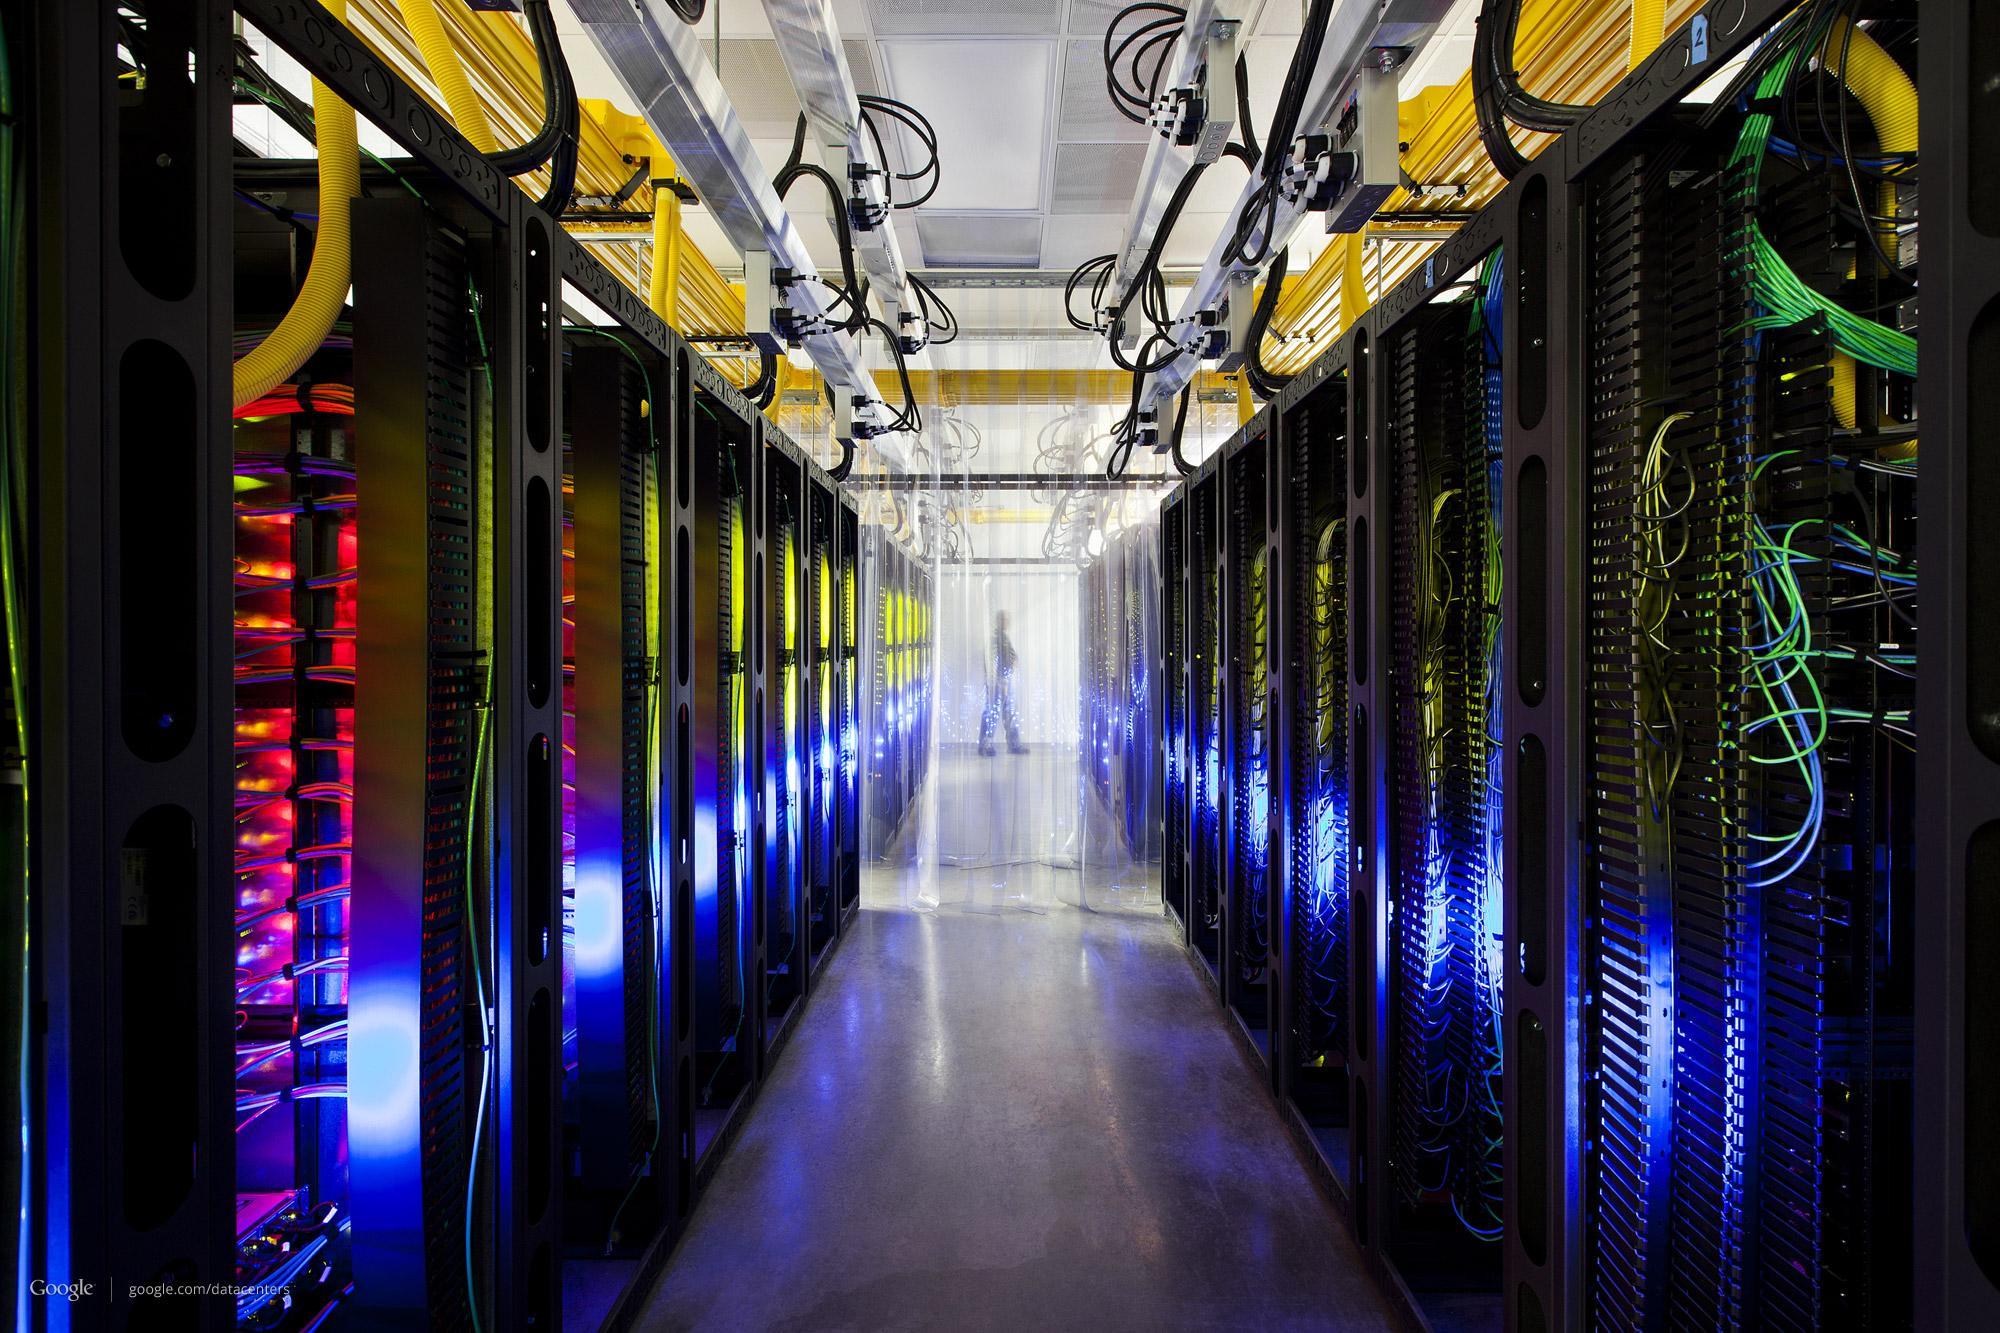 Et hav av rutere og svitsjere som lar datasentrene verden over snakke sammen.Foto: Google/Connie Zhou